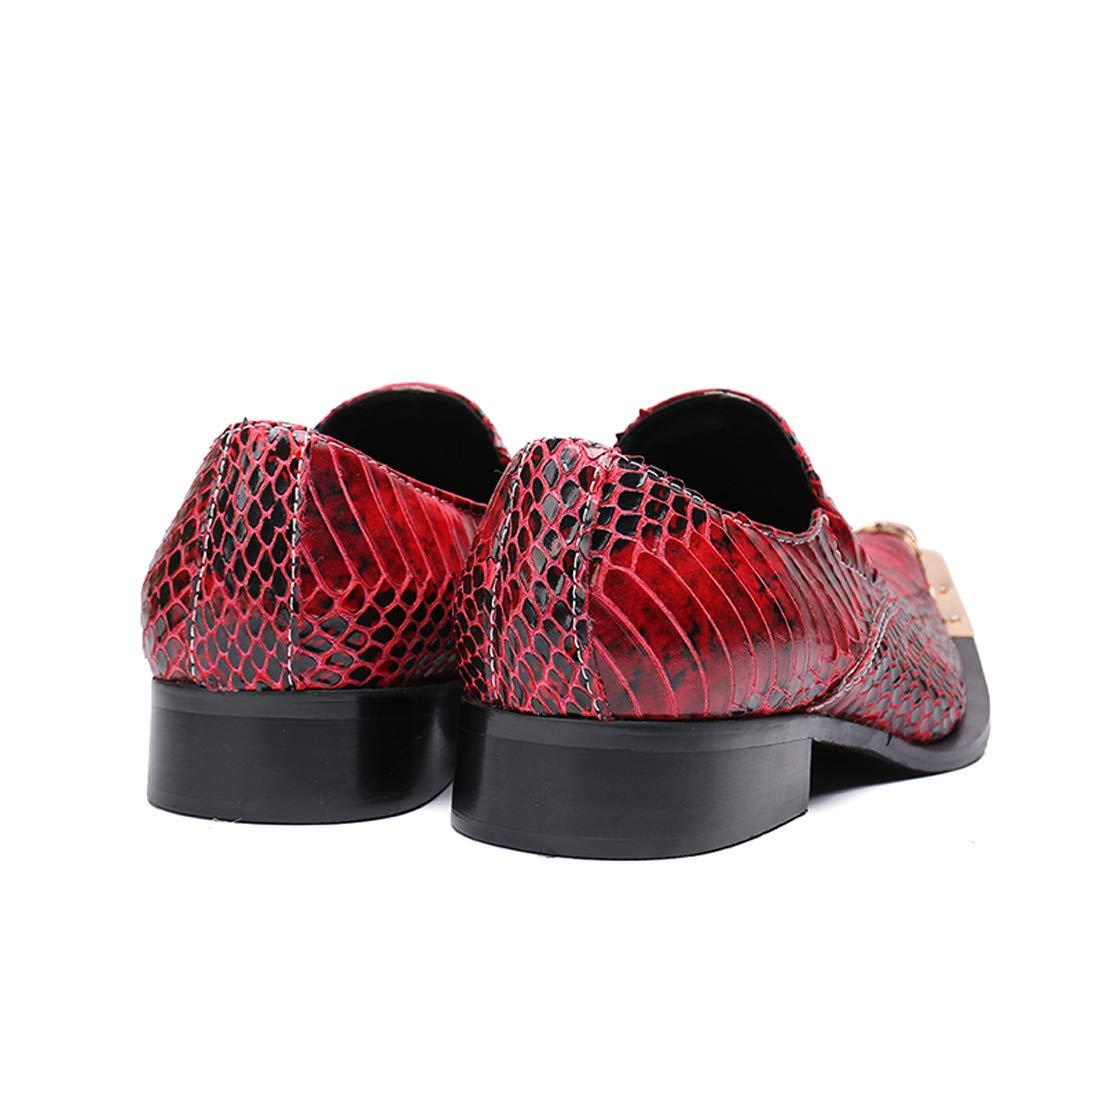 DANDANJIE DANDANJIE DANDANJIE Zapatos de la Novedad de los Hombres Cuero Oxfords del otoño Fiesta de Boda y Tarde del Vino a Rayas (Color : Rojo, tamaño : 42 EU) 6d4b45